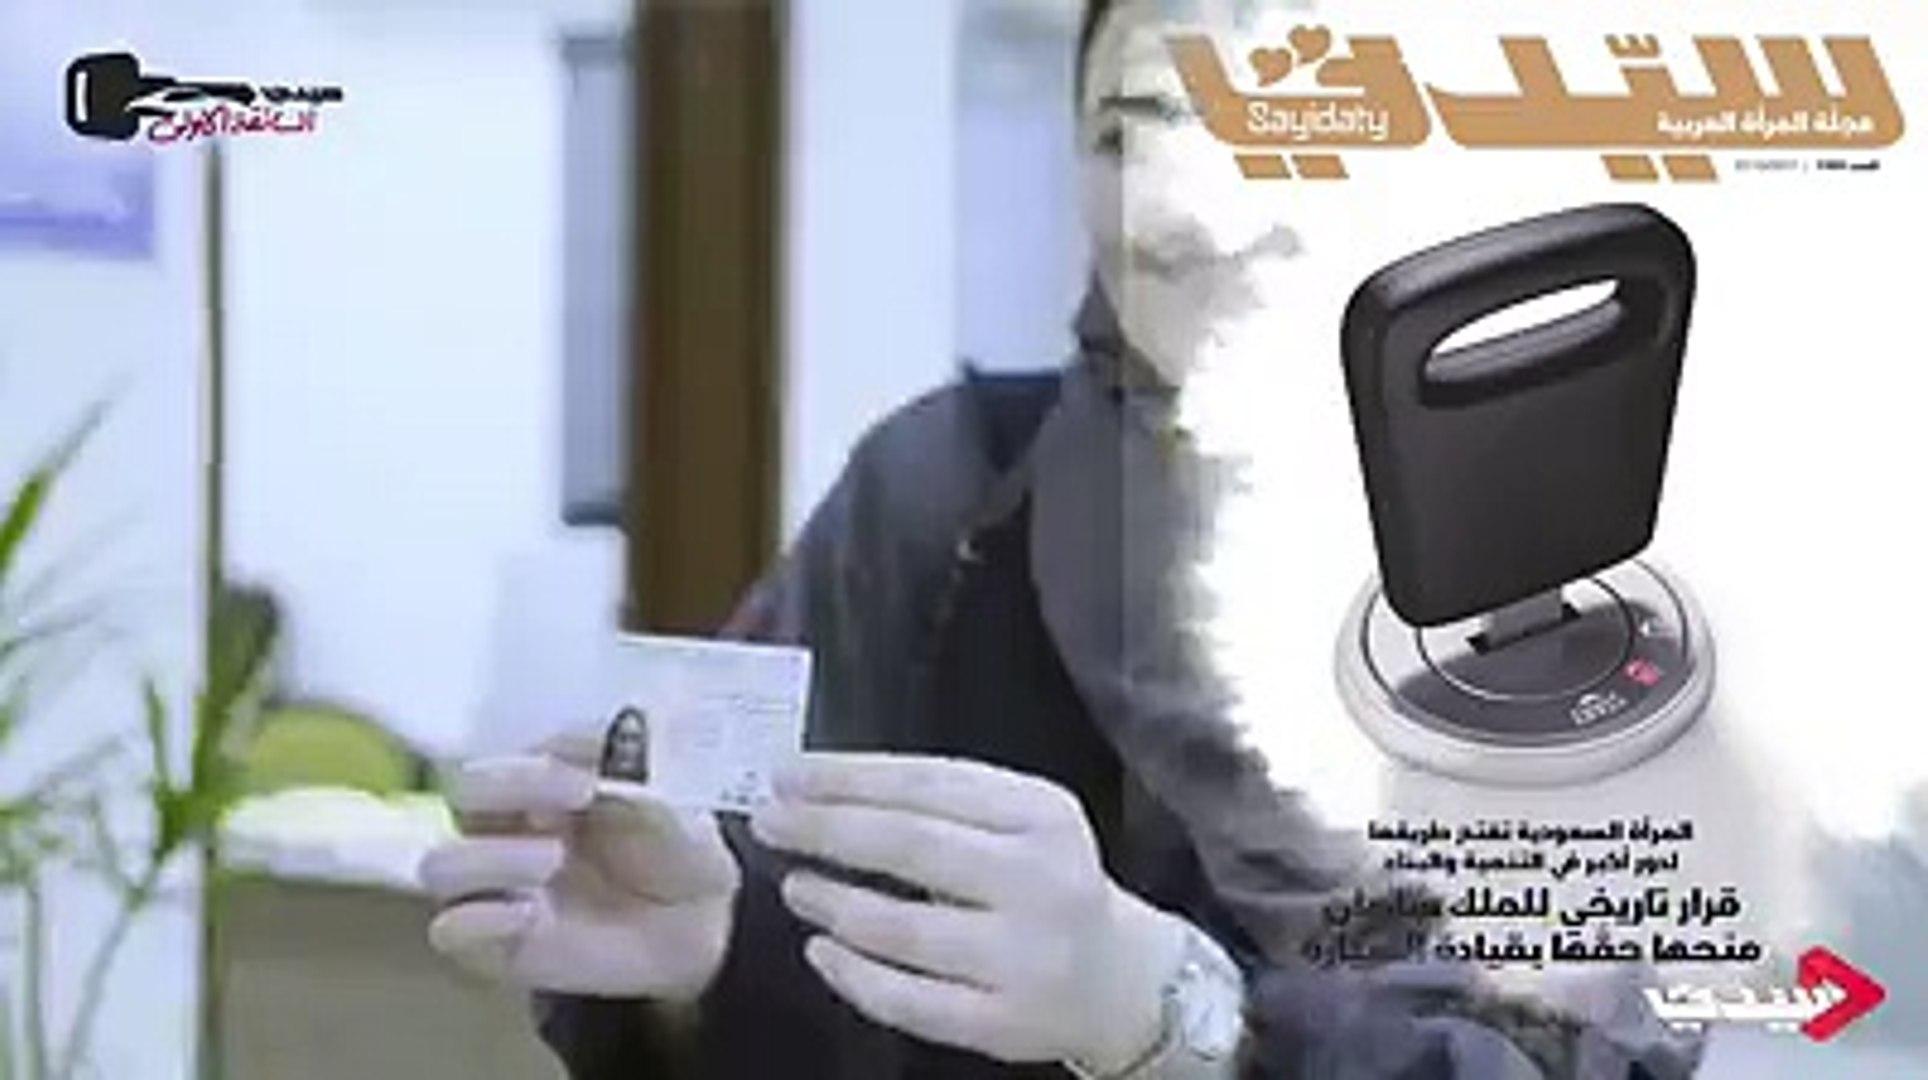 """#محمد_فهد_الحارثي رئيس تحرير مجلتي #سيدتي و #الرجل يعلن إطلاق موقع  """"#السائقة_الأولى"""